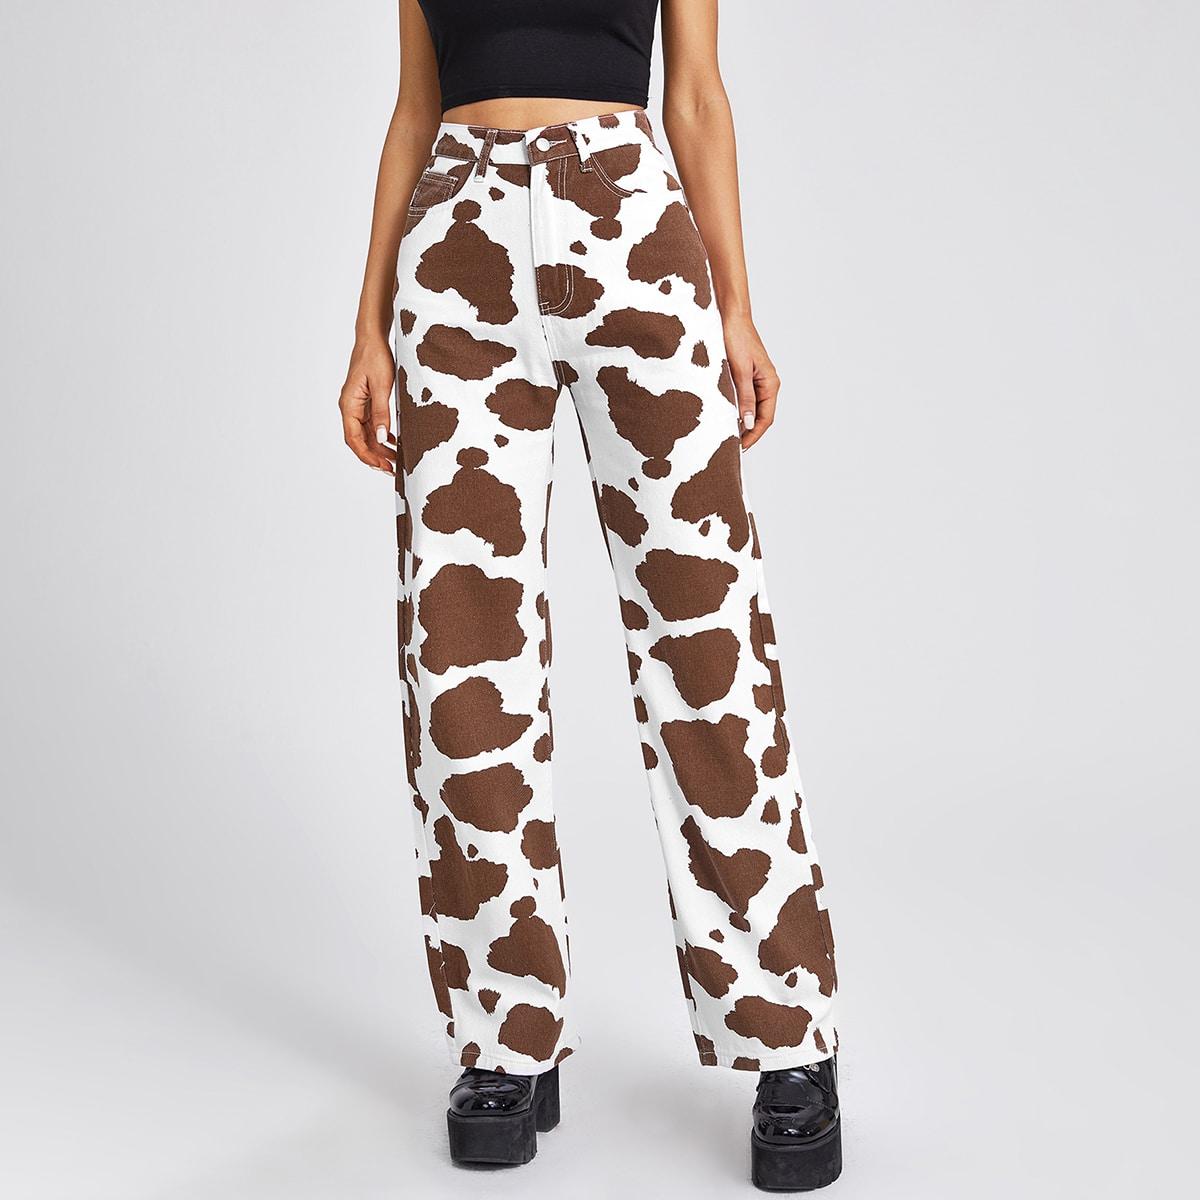 Широкие джинсы с коровьим принтом